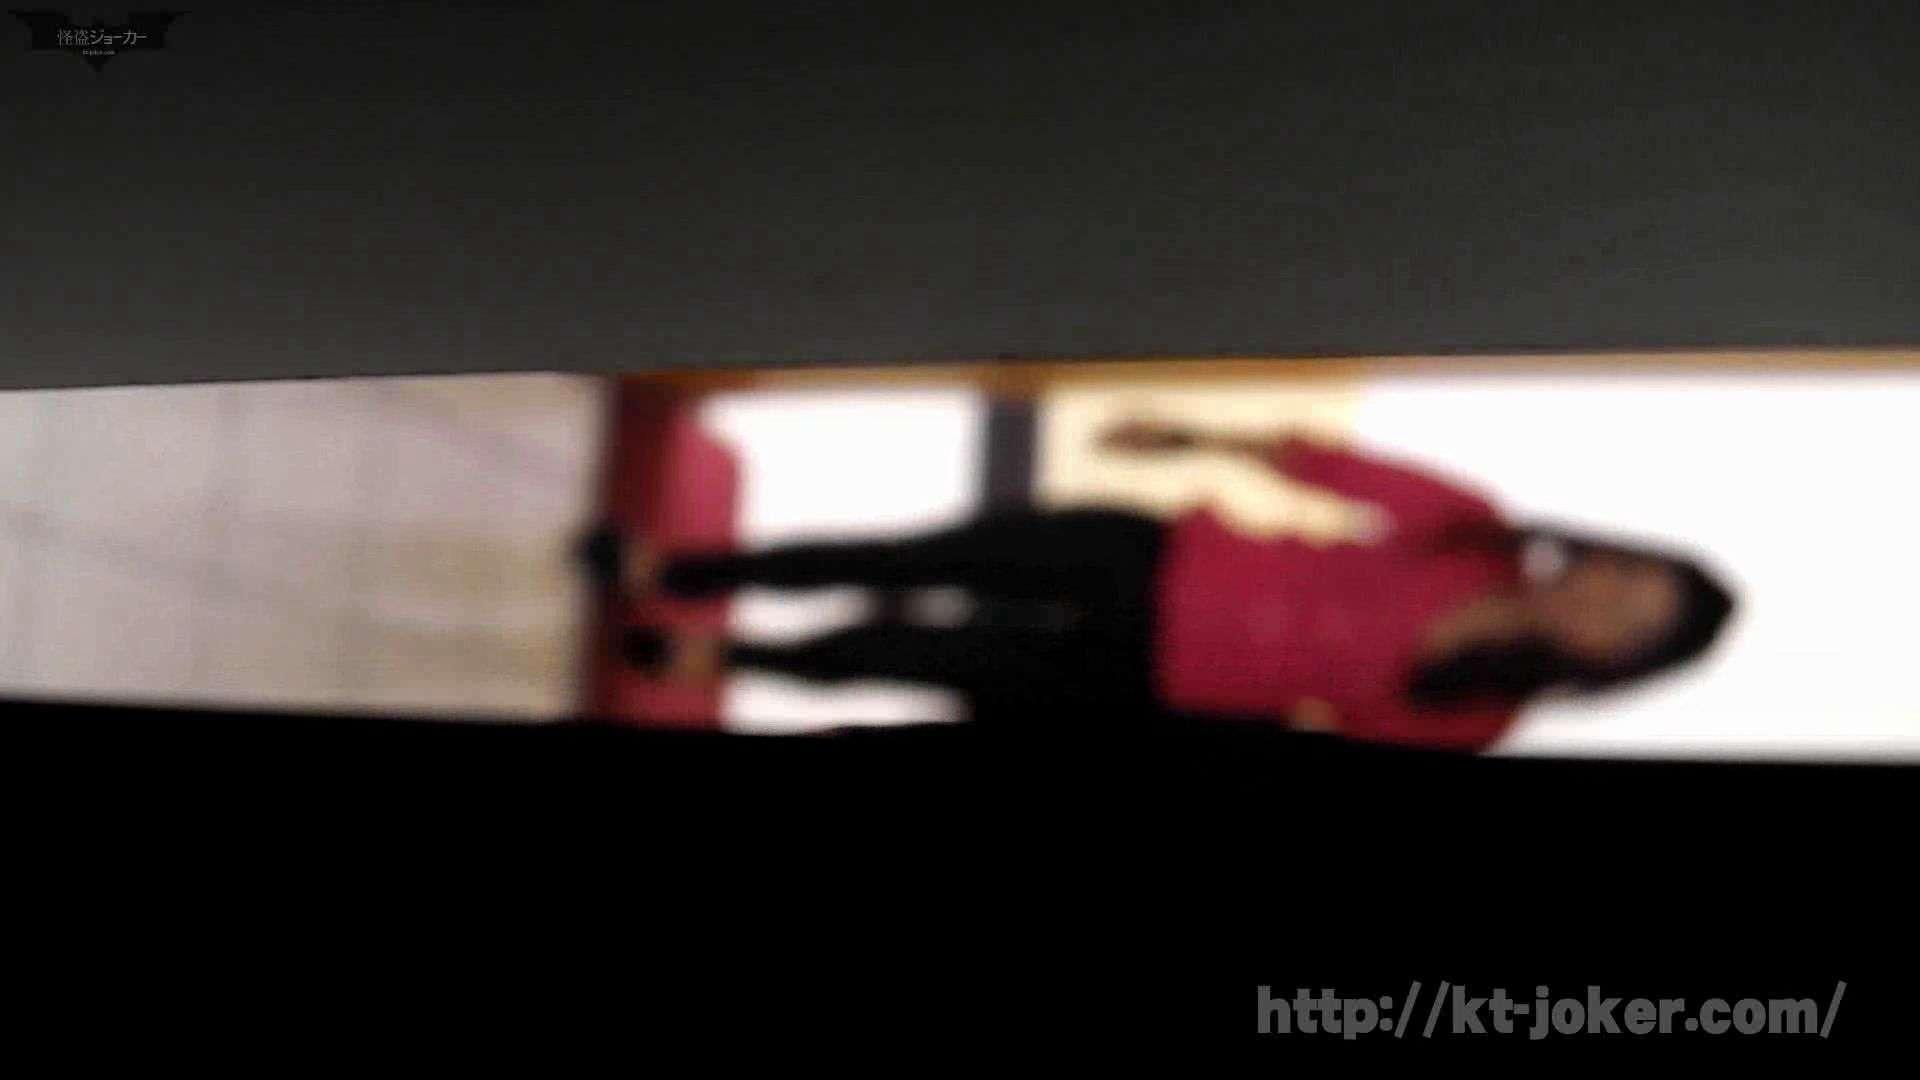 命がけ潜伏洗面所! vol.55 モデル級?「いやモデルだね!」な美女登場! いやらしいOL 女性器鑑賞 92連発 86